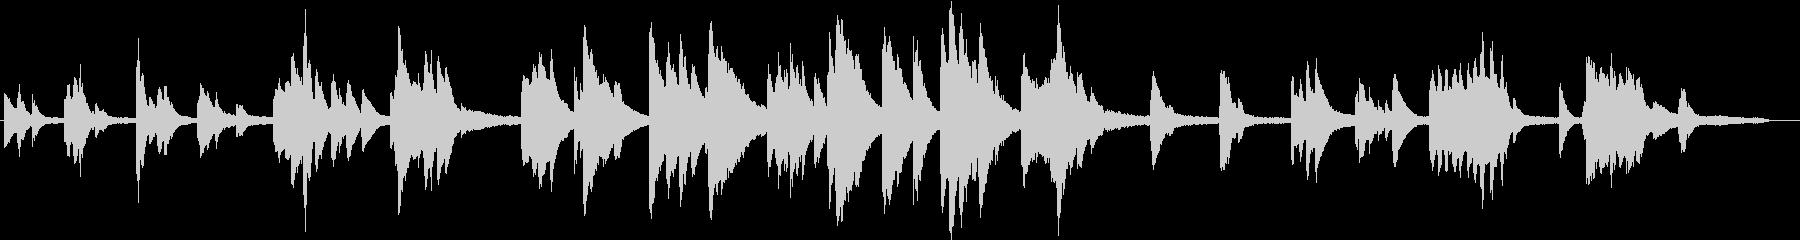 ゆったりとして、音数が少ないピアノの未再生の波形